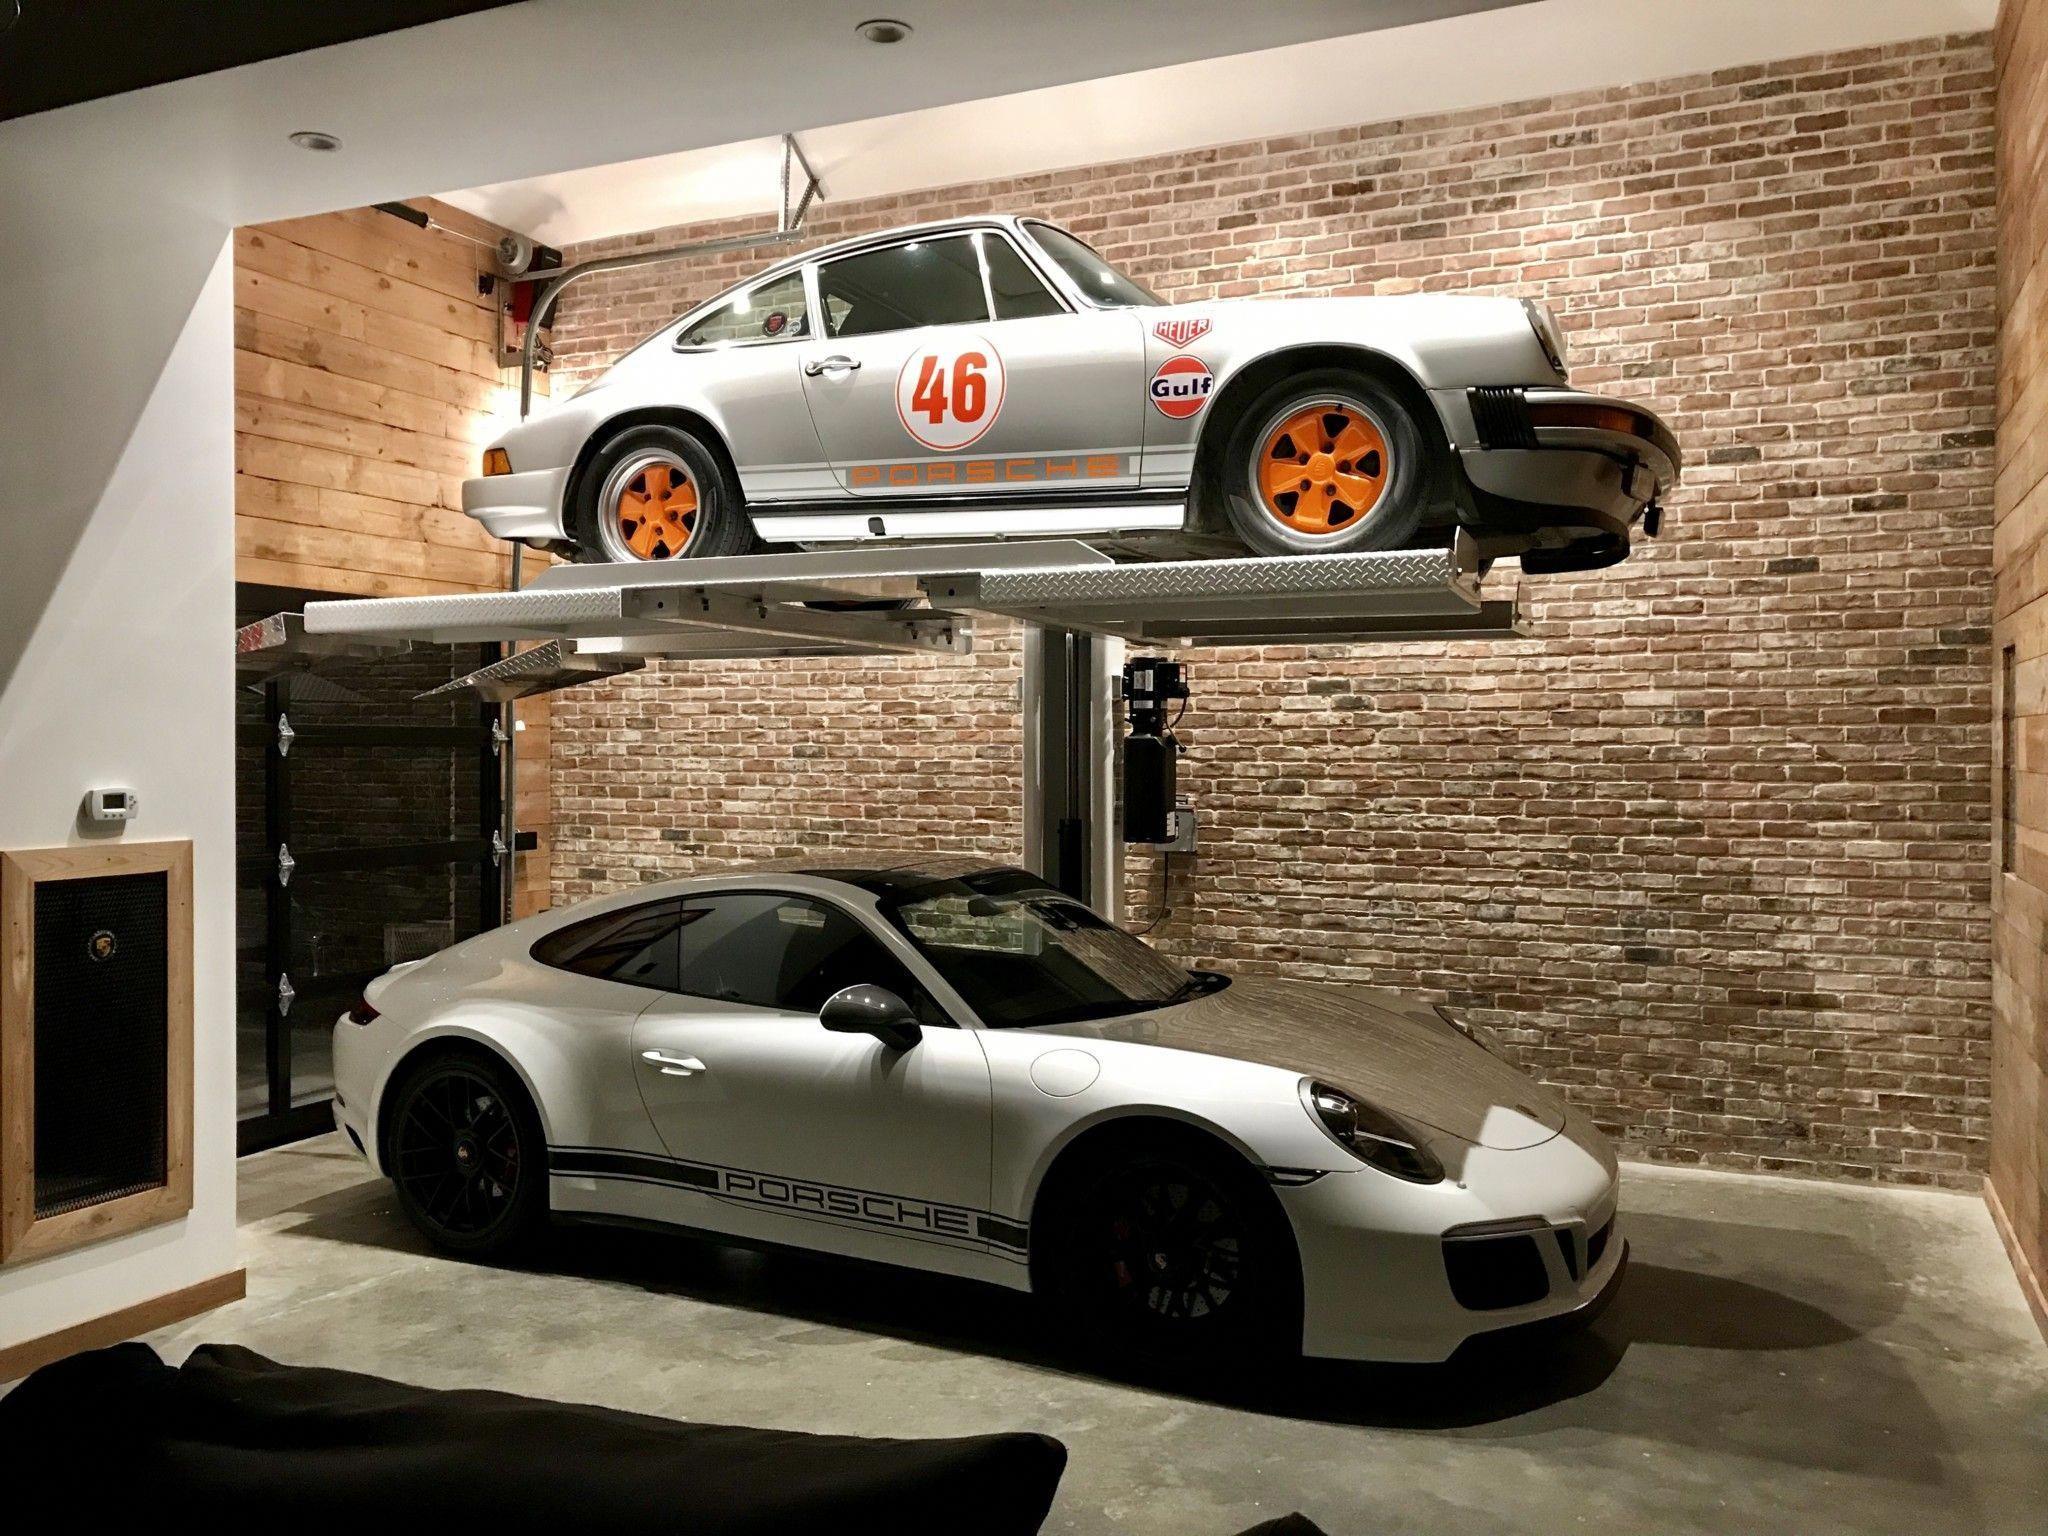 Garage Storage Design Ideas Car Garage Decorating Ideas Garage Themed Room 20190402 Garage Design Garage Decor Luxury Cars